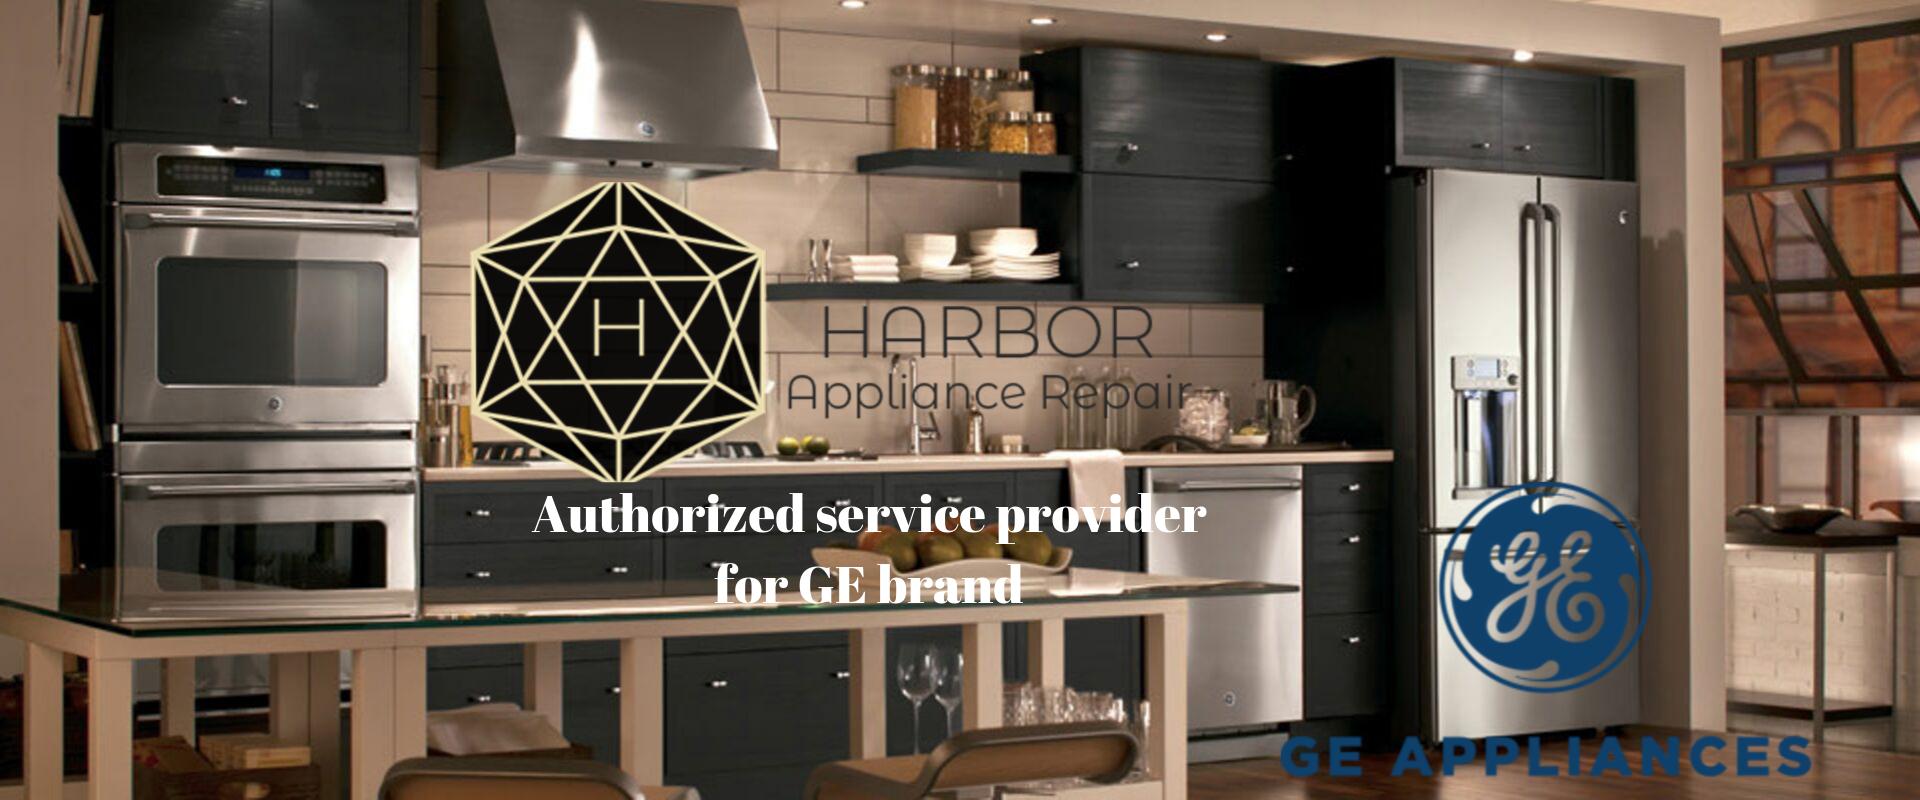 GE-brand-provider